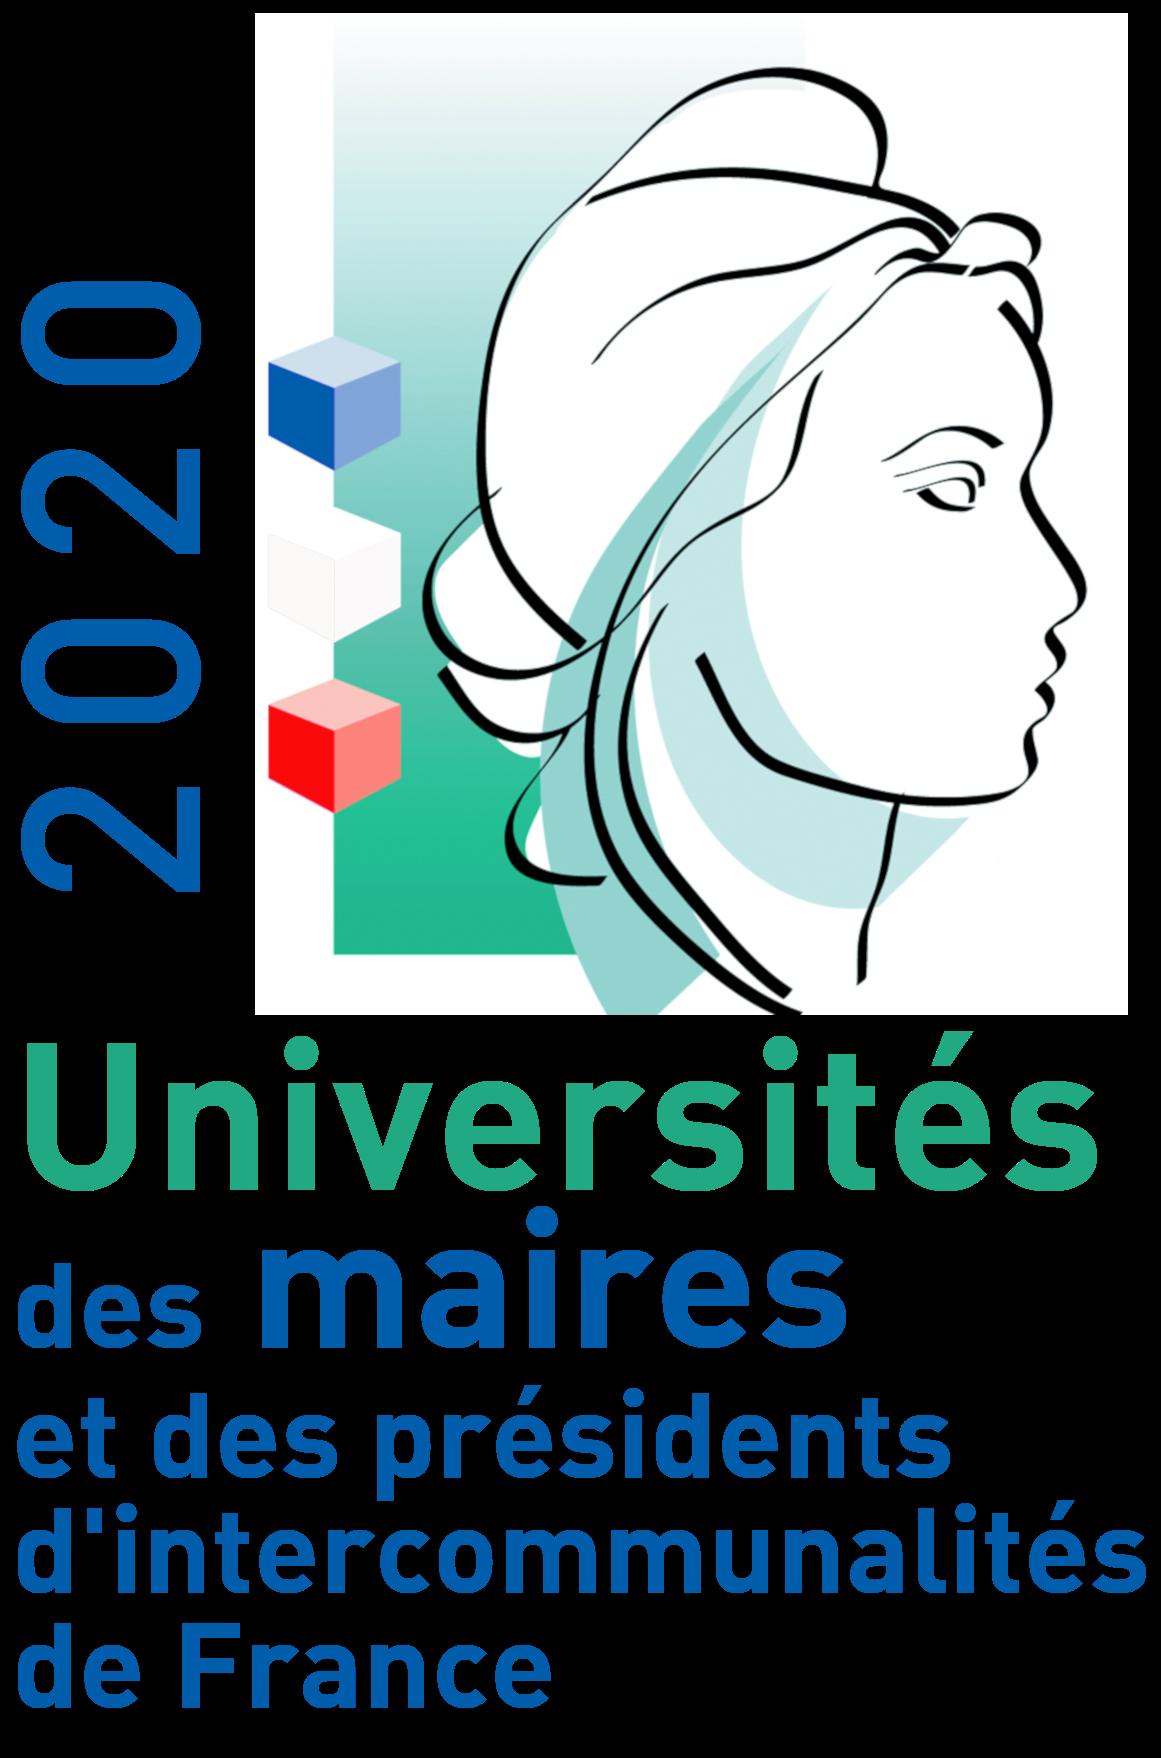 Universités des maires - AMV88